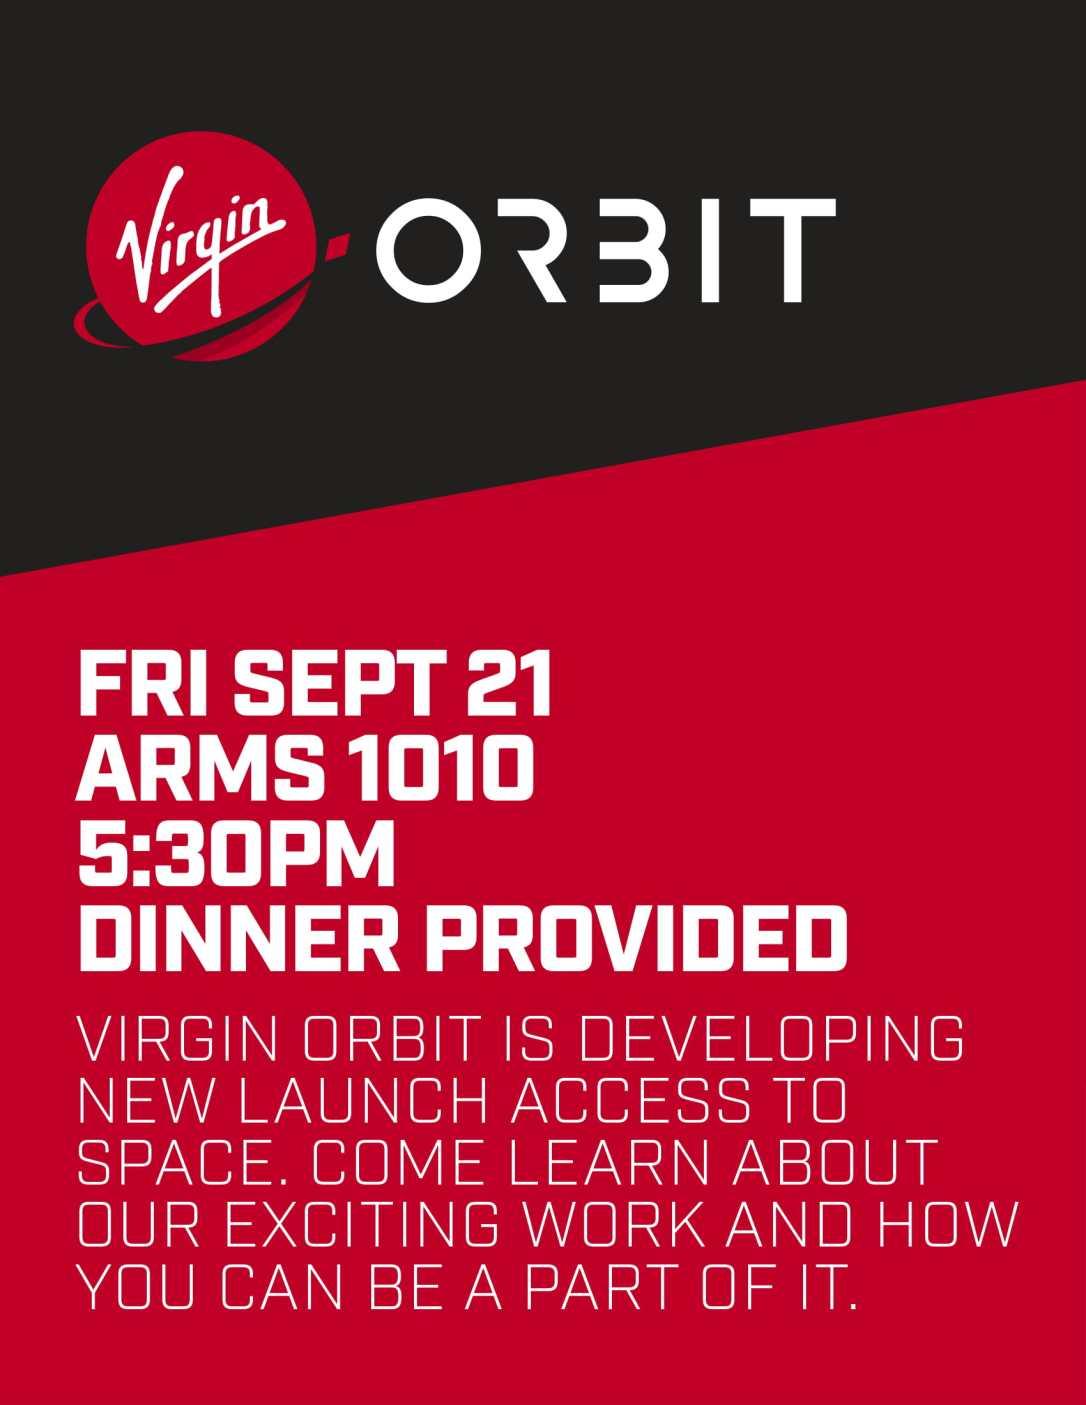 Virgin_Orbit_ARMS-1